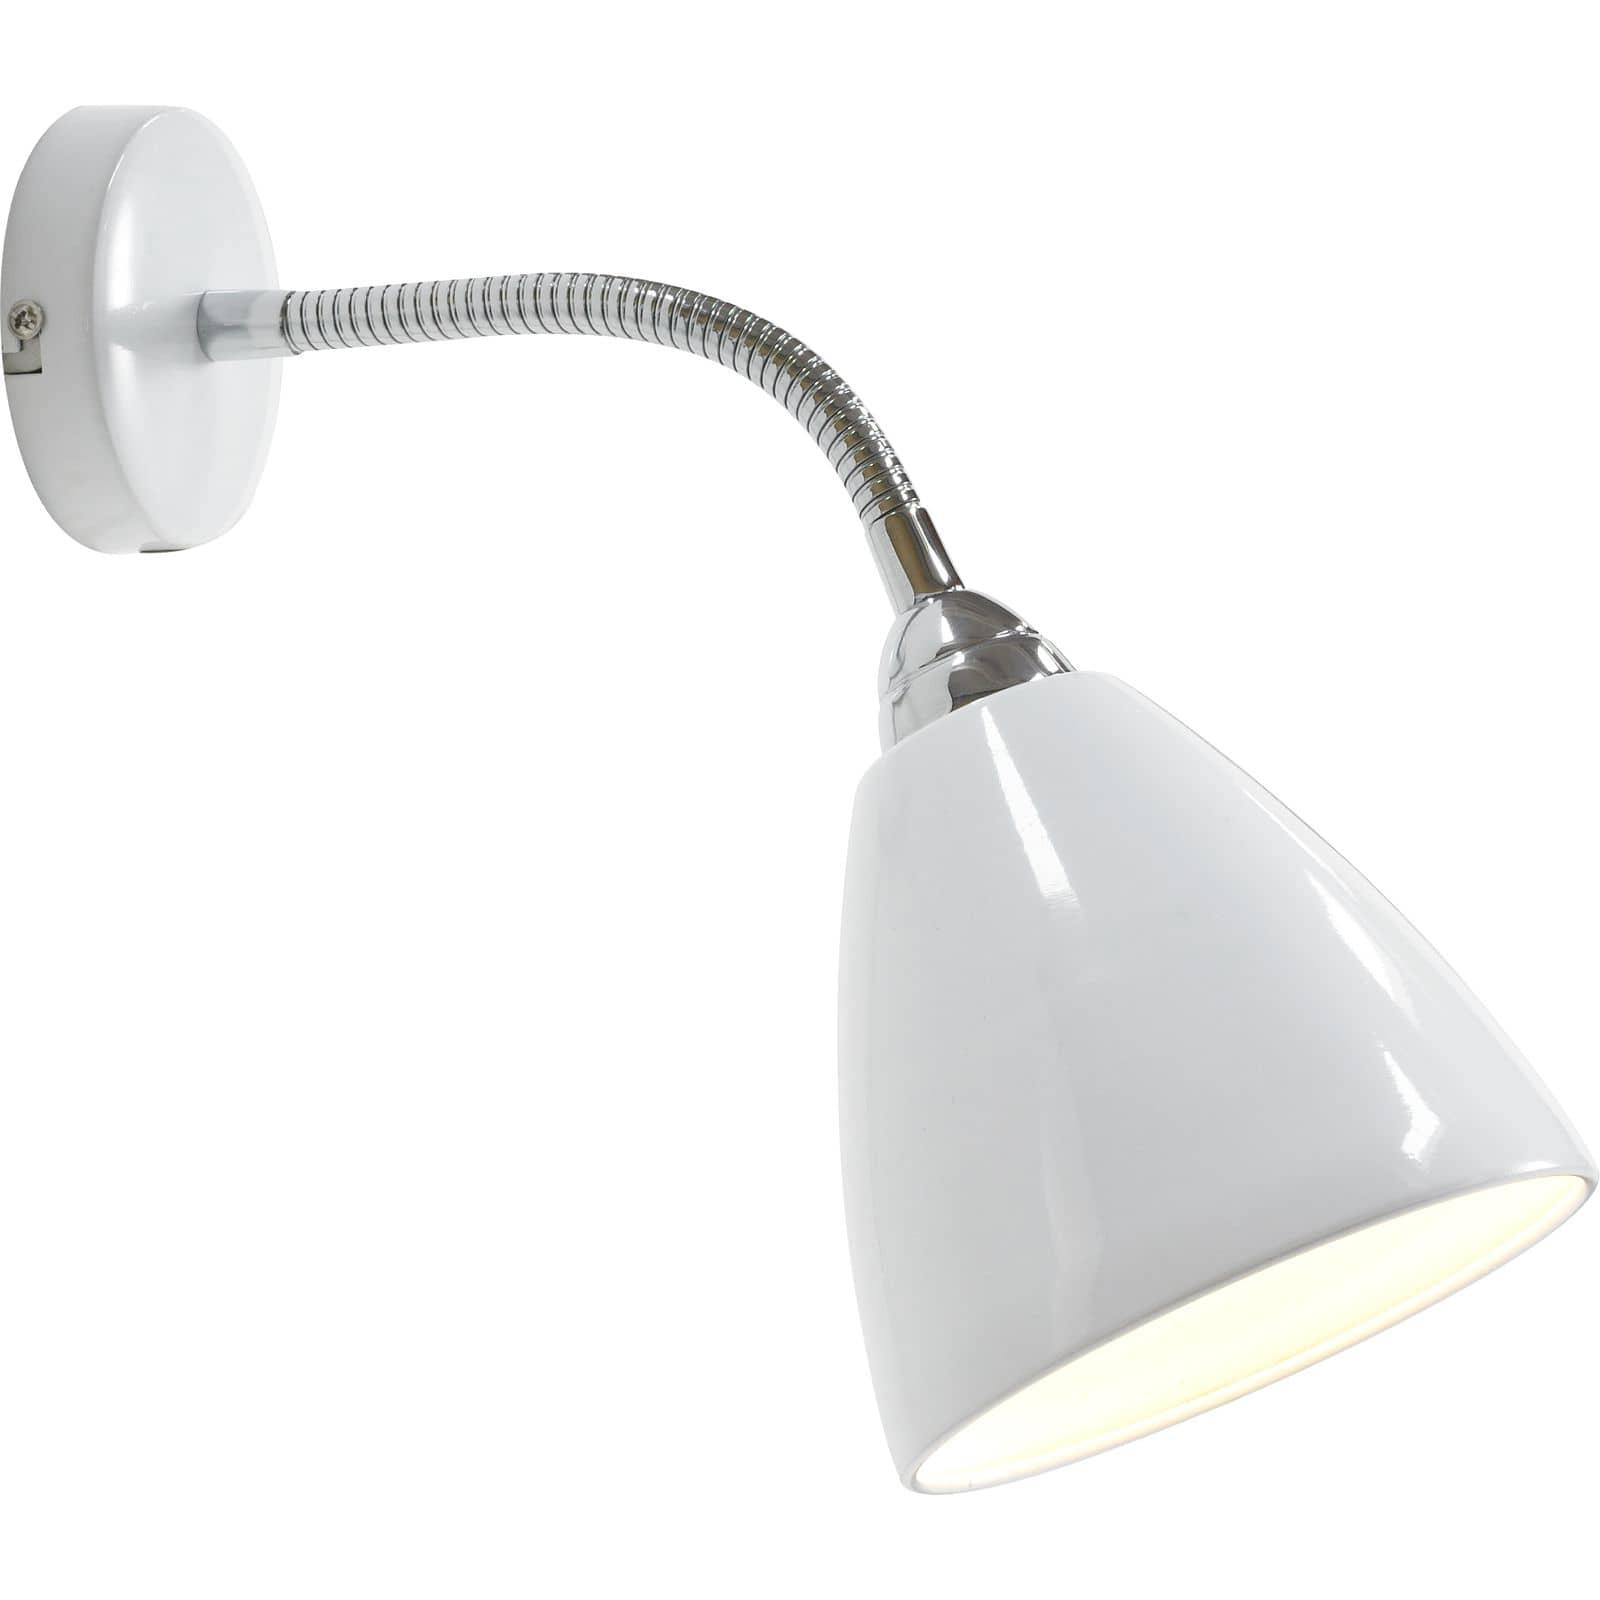 Nordlux 75301001 read flex wandleuchte e14 metall weiss for Nordlux leuchten